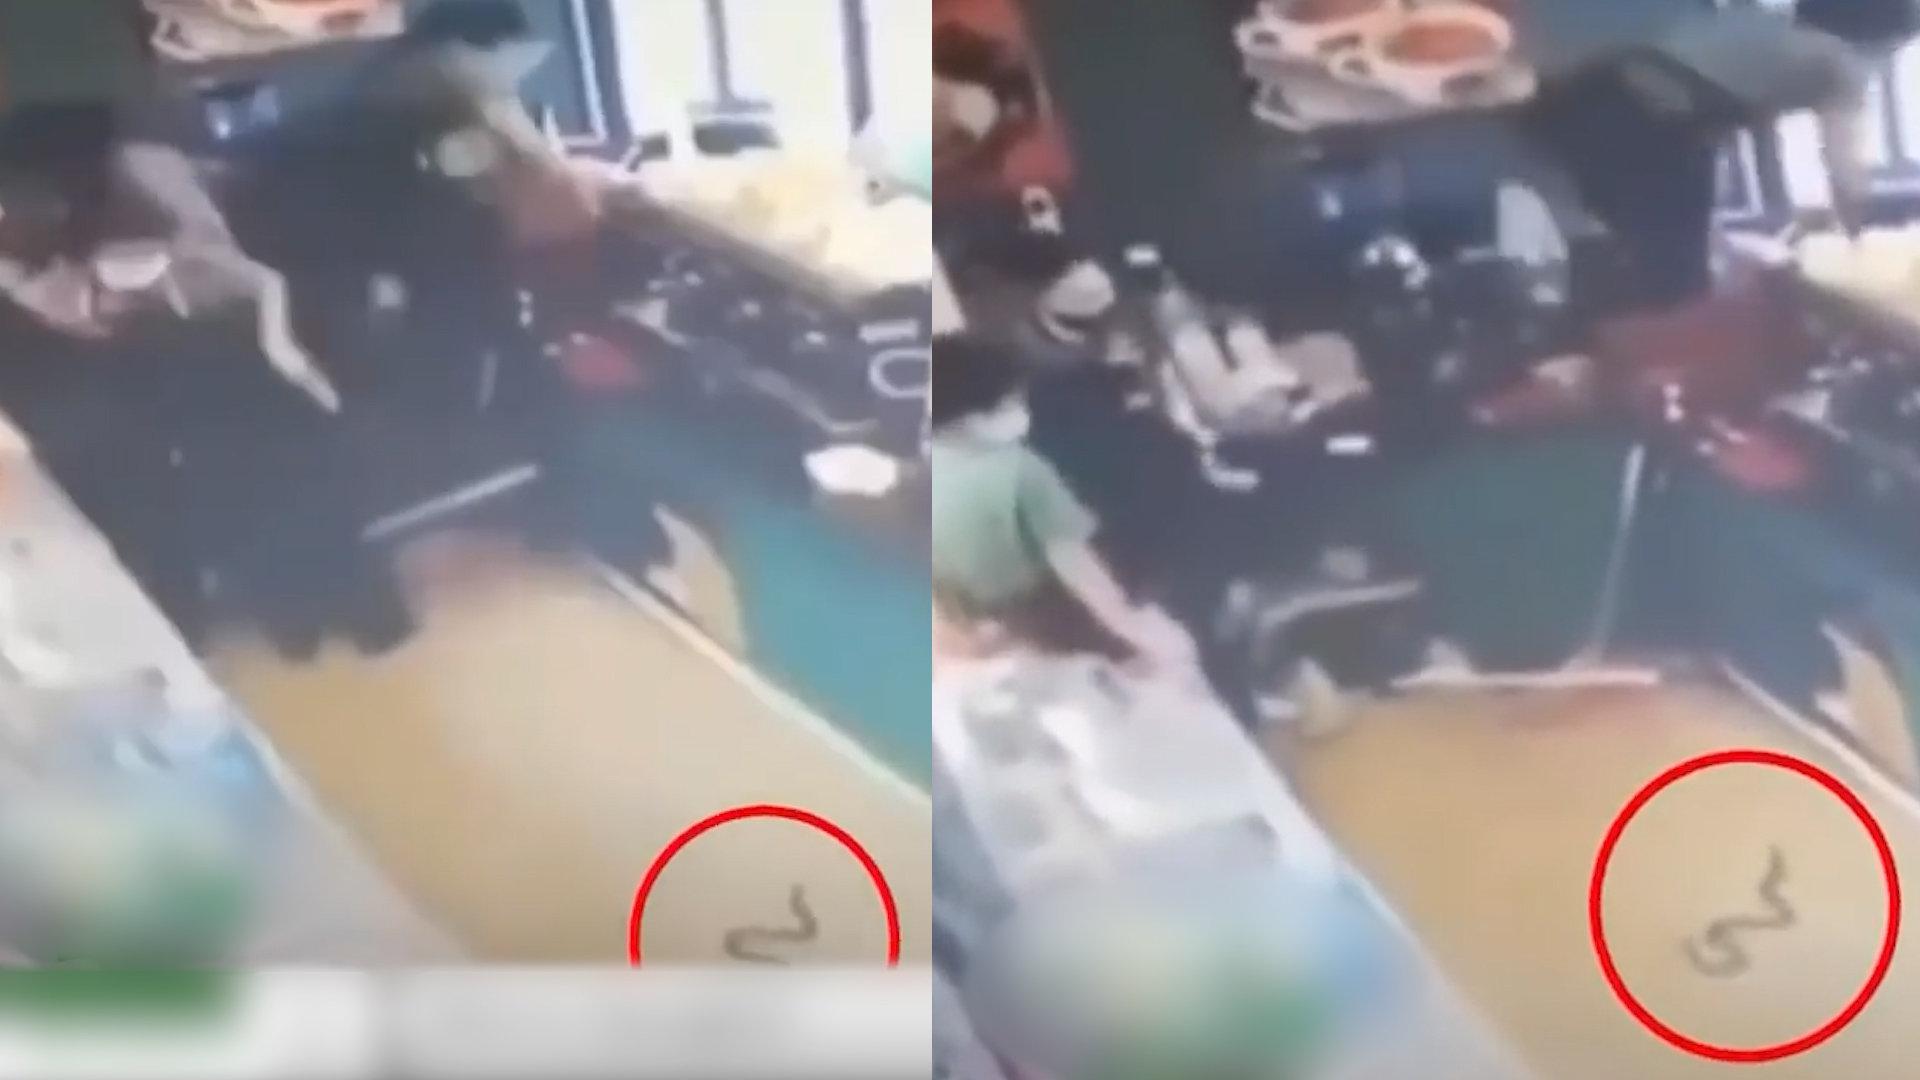 饮品店出现不速之客,店员看清后秒变运动员翻越吧台,笑喷网友